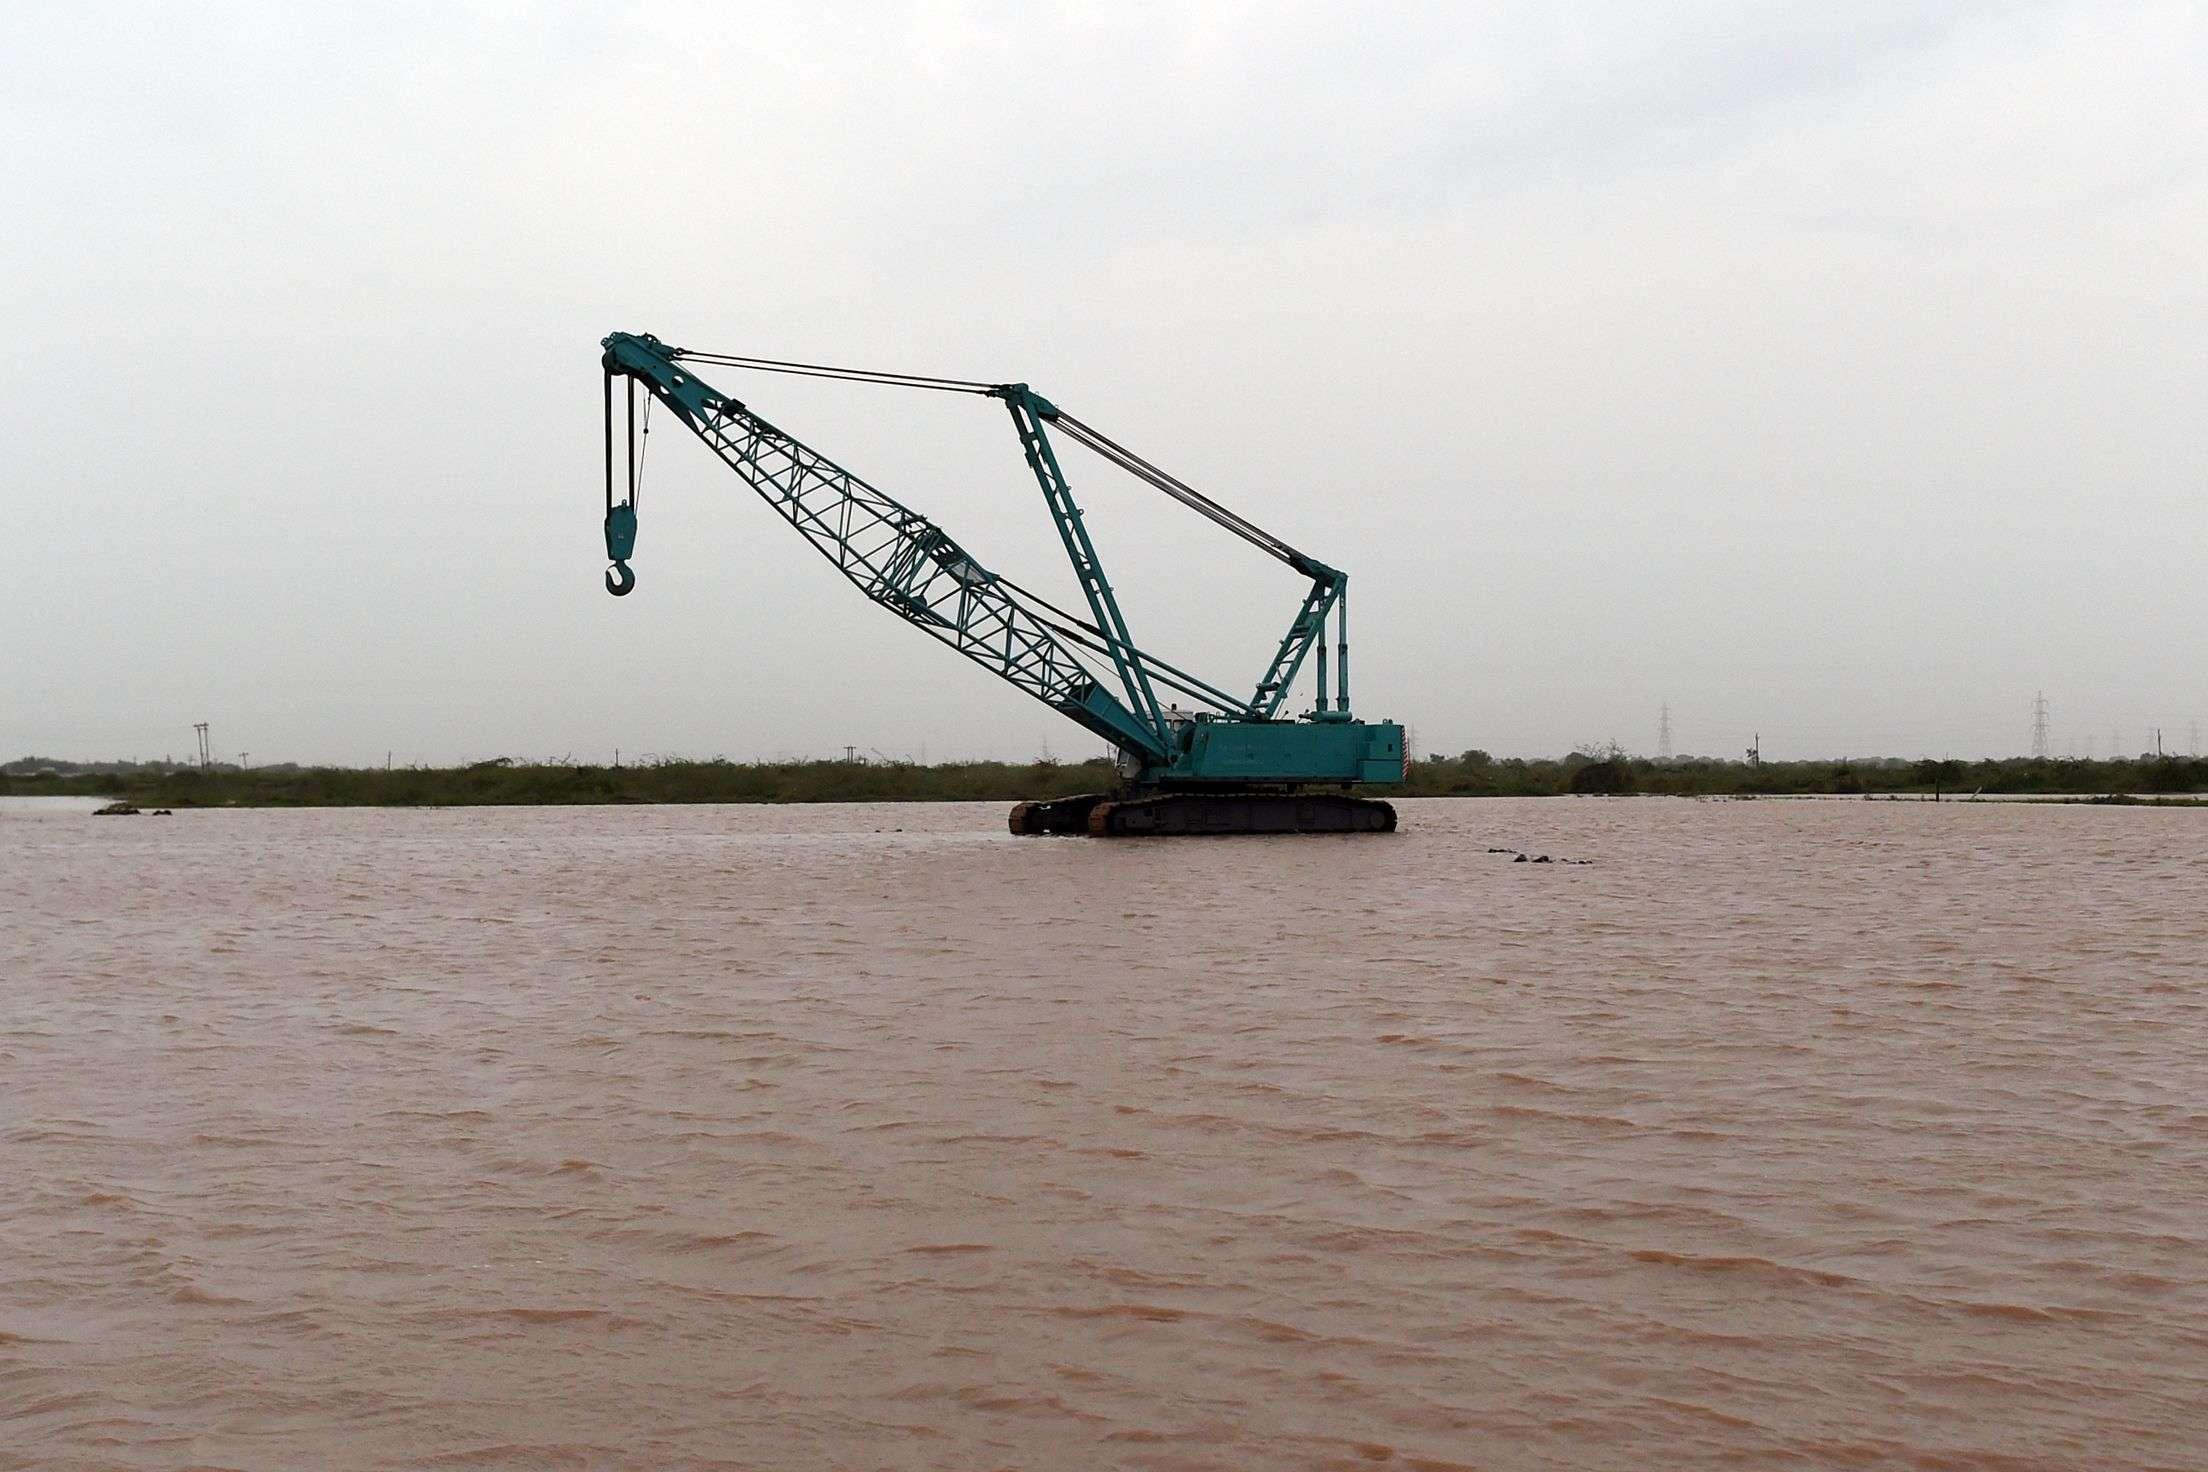 Une grue utilisée pour décharger les camions est perdue dans les eaux, à Maliya, dans le district de Morbi, à environ 200 kilomètres d'Ahmedabad.